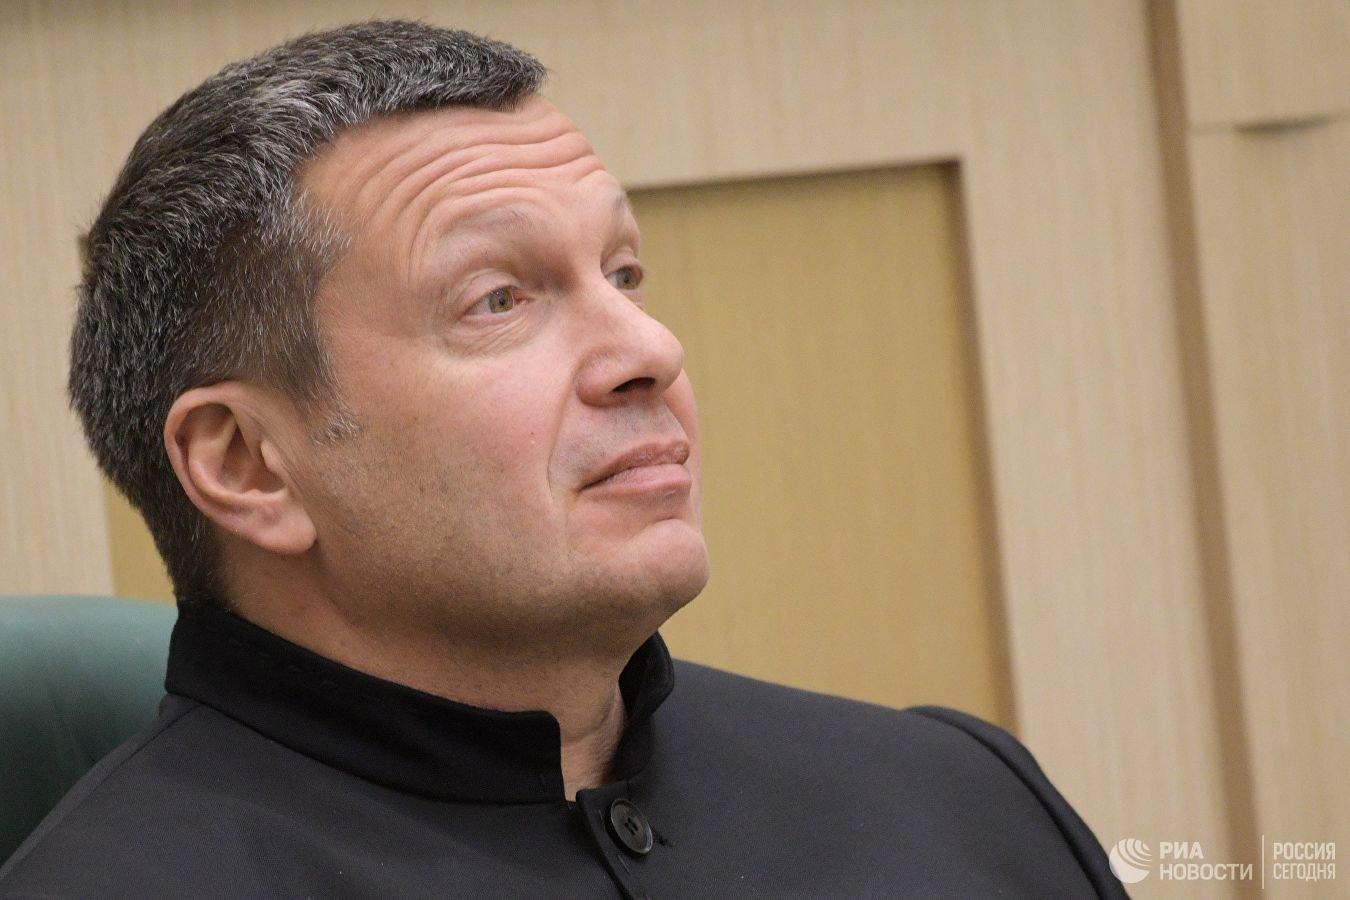 Соловьев объяснил, почему выгнал из студии польского эксперта